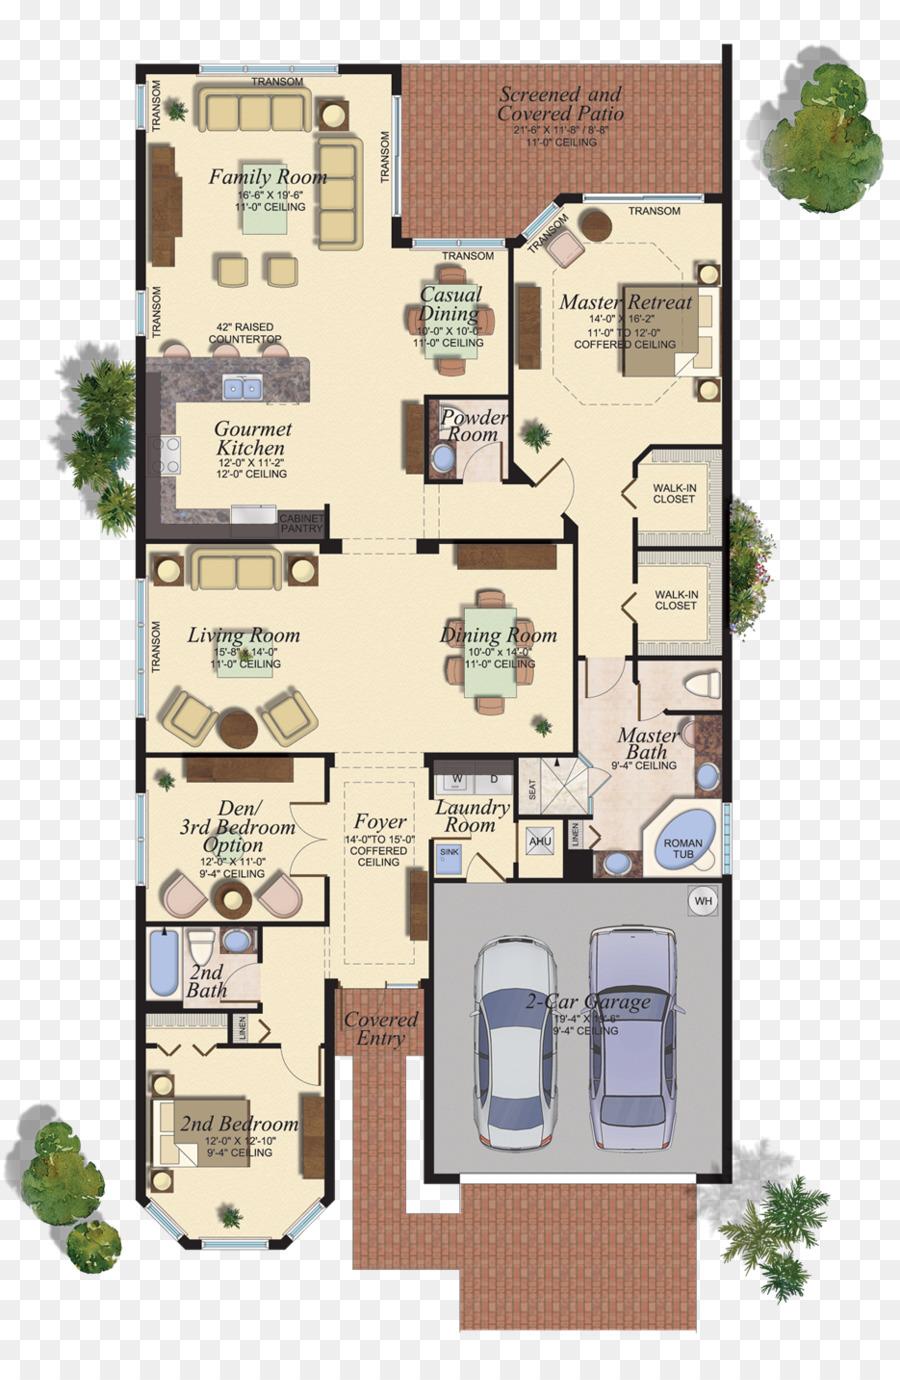 Grundriss Boynton Beach House Plan Haus Png Herunterladen 935 1425 Kostenlos Transparent Grundriss Png Herunterladen